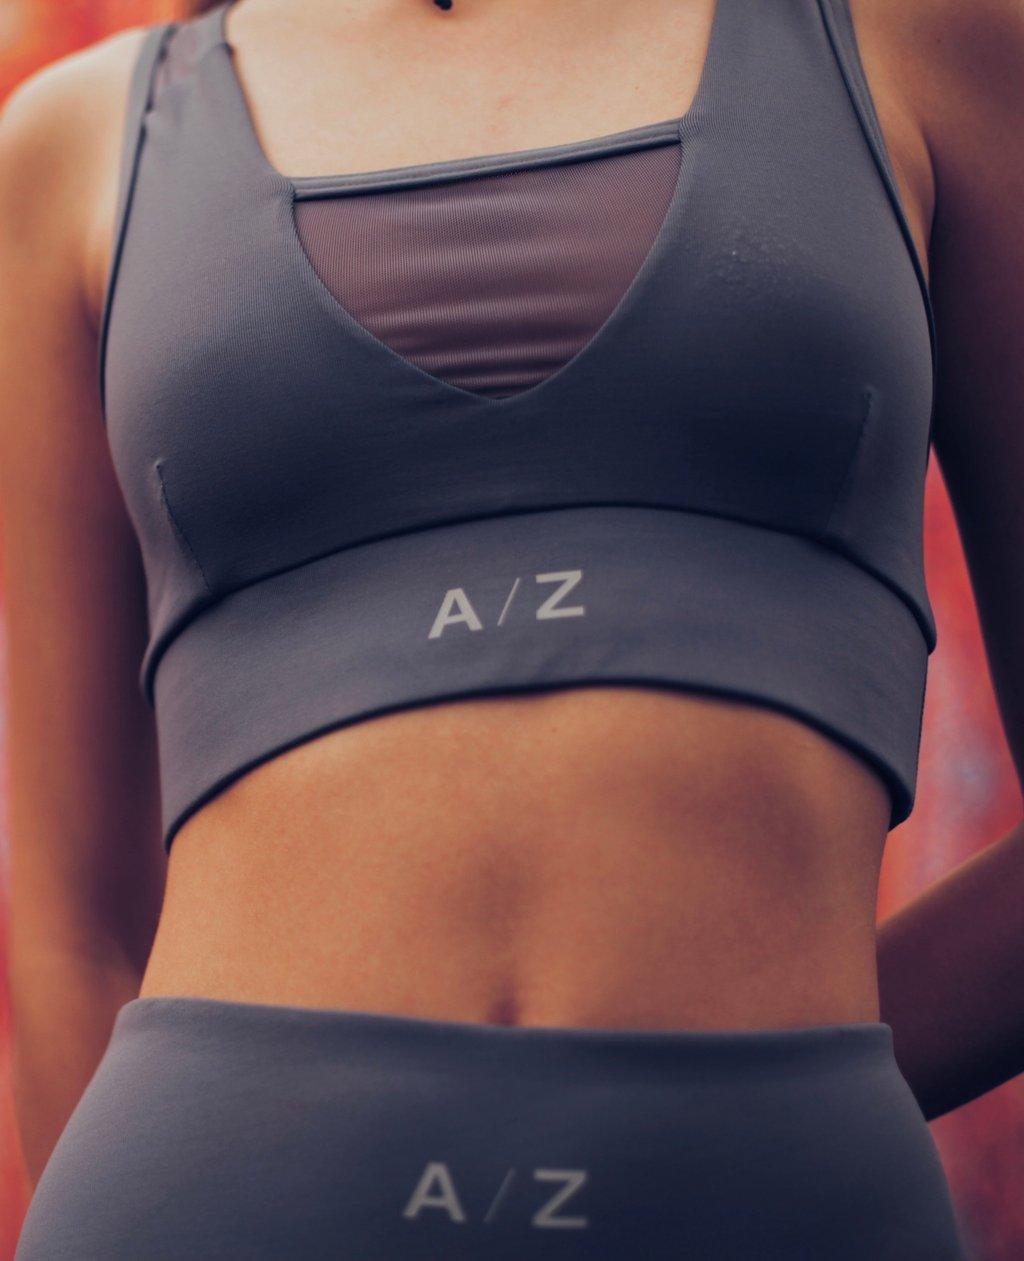 Image femme, on voit son corps du début de la poitrine jusqu'à la taille. Elle a une main derrière le dos. Elle porte une brassière de la marque AZ/AR couleur blue/gris